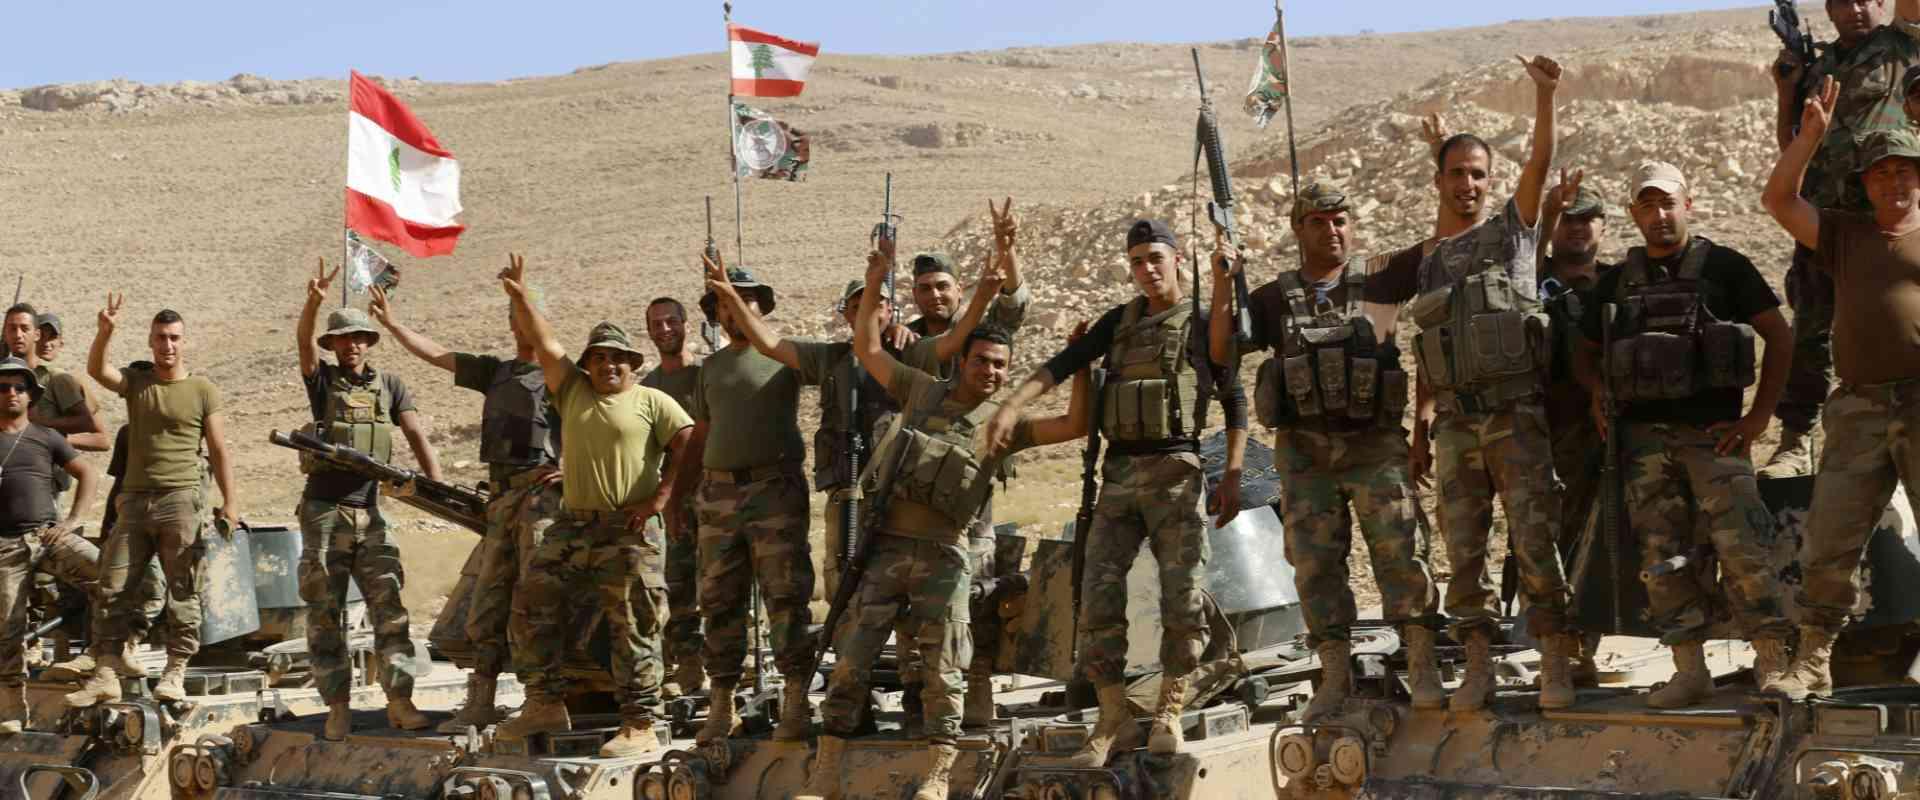 חיילי צבא לבנון בסיור בבעל-בק